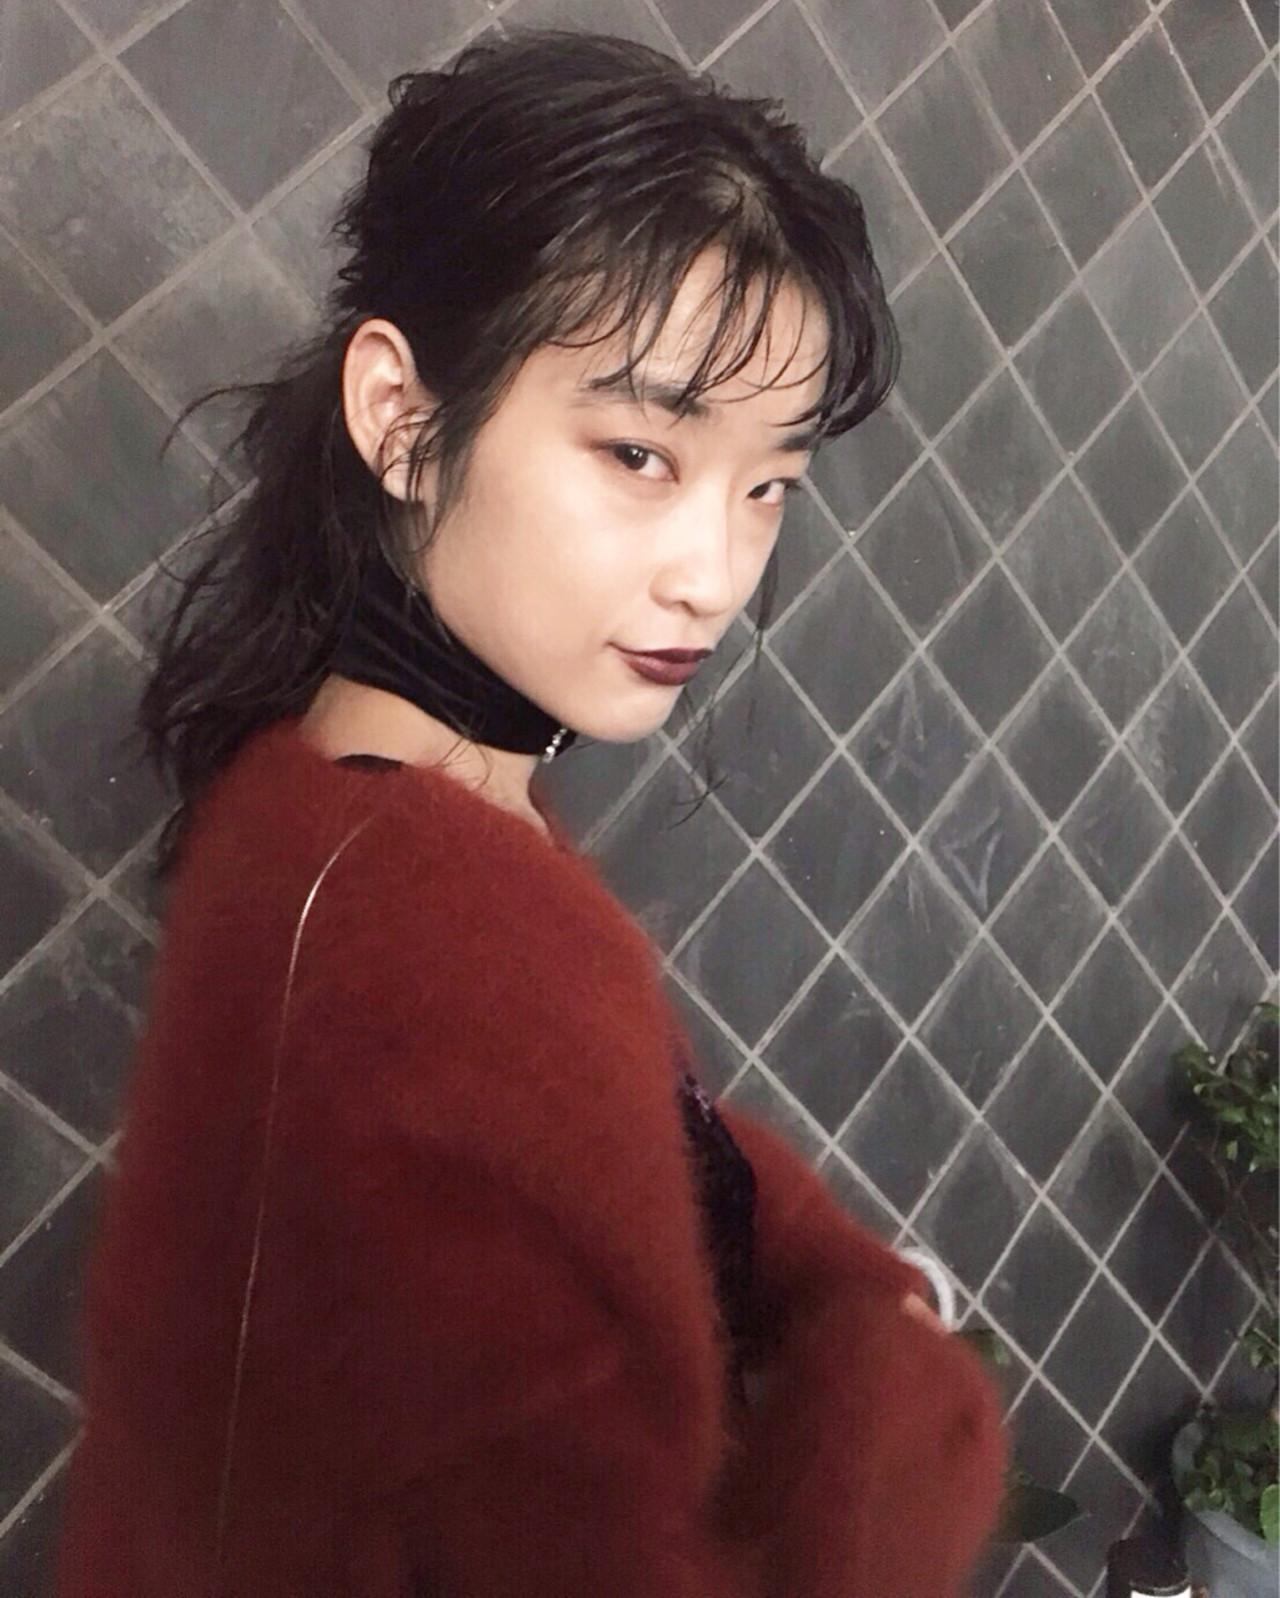 簡単ヘアアレンジ 色気 謝恩会 モード ヘアスタイルや髪型の写真・画像 | 丸山 勇人 / Tierra (ティエラ)